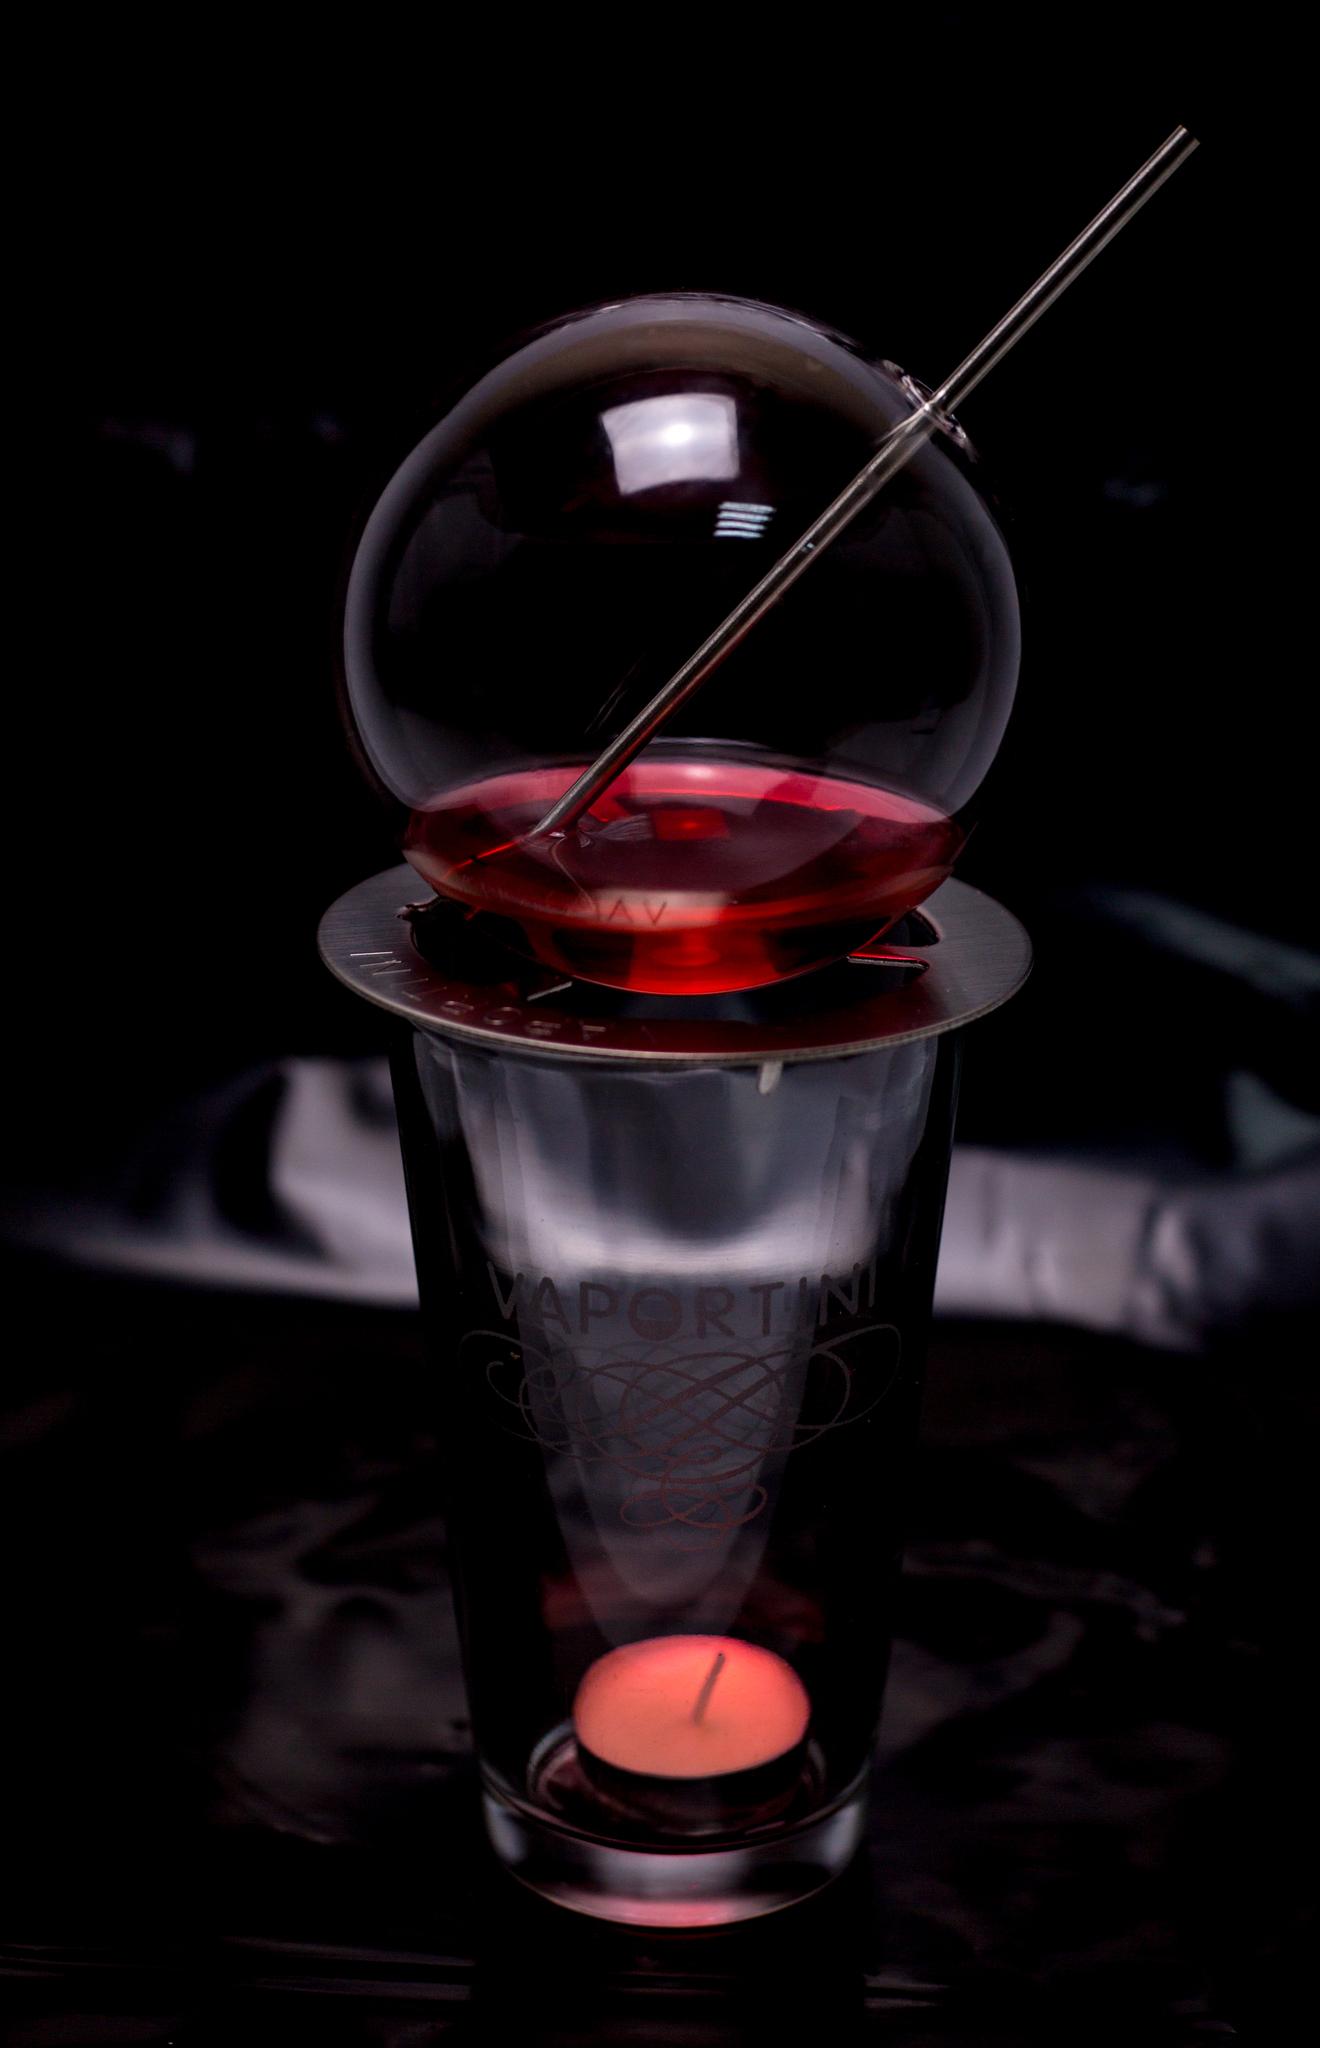 Вапорайзер (алкогольный ингалятор) Vaportini цена